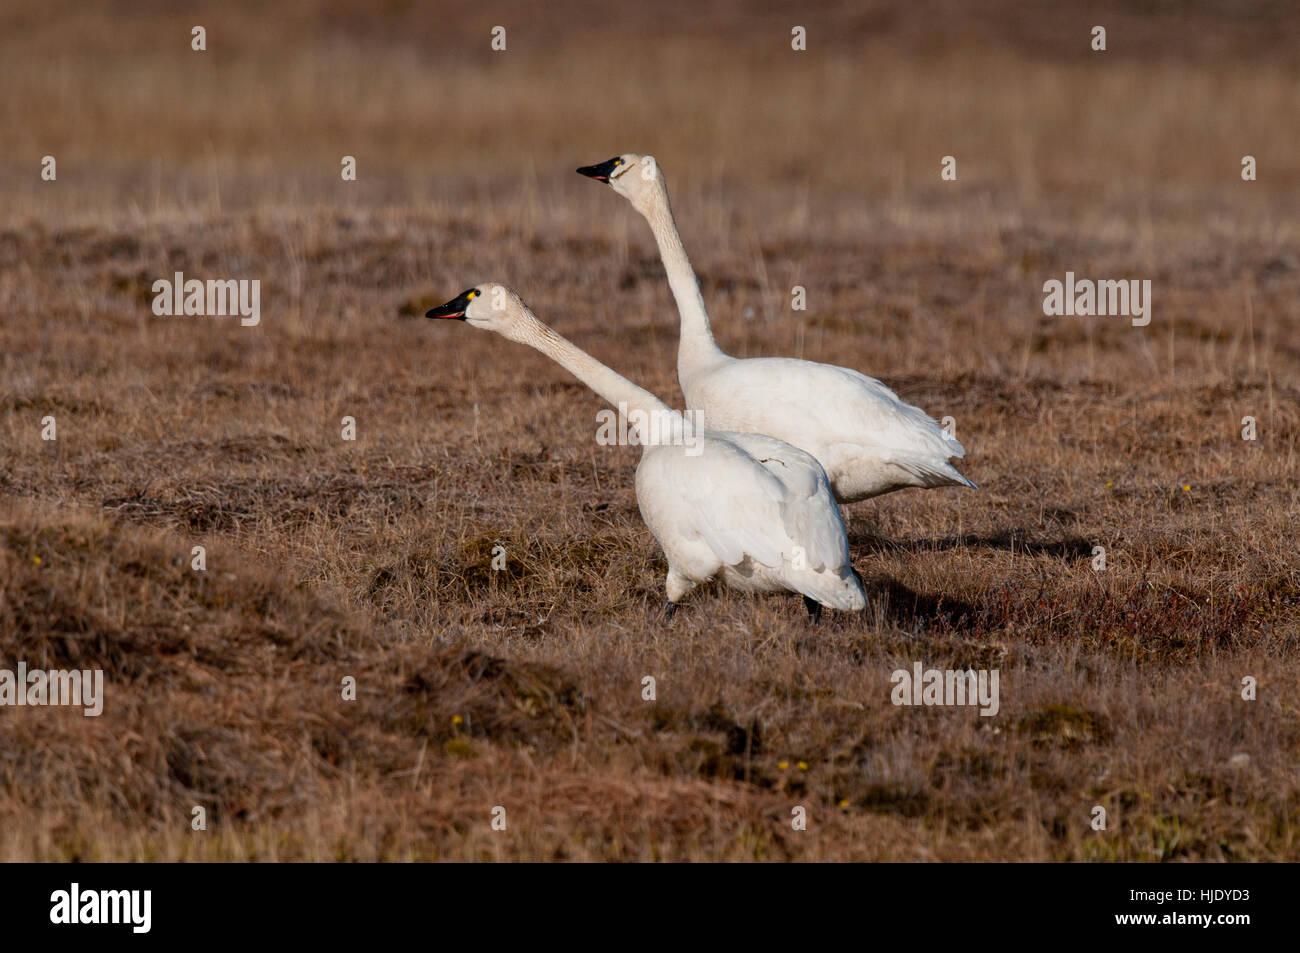 Tundra swans ready to take flight on the Alaskan tundra near Barrow Alaska - Stock Image